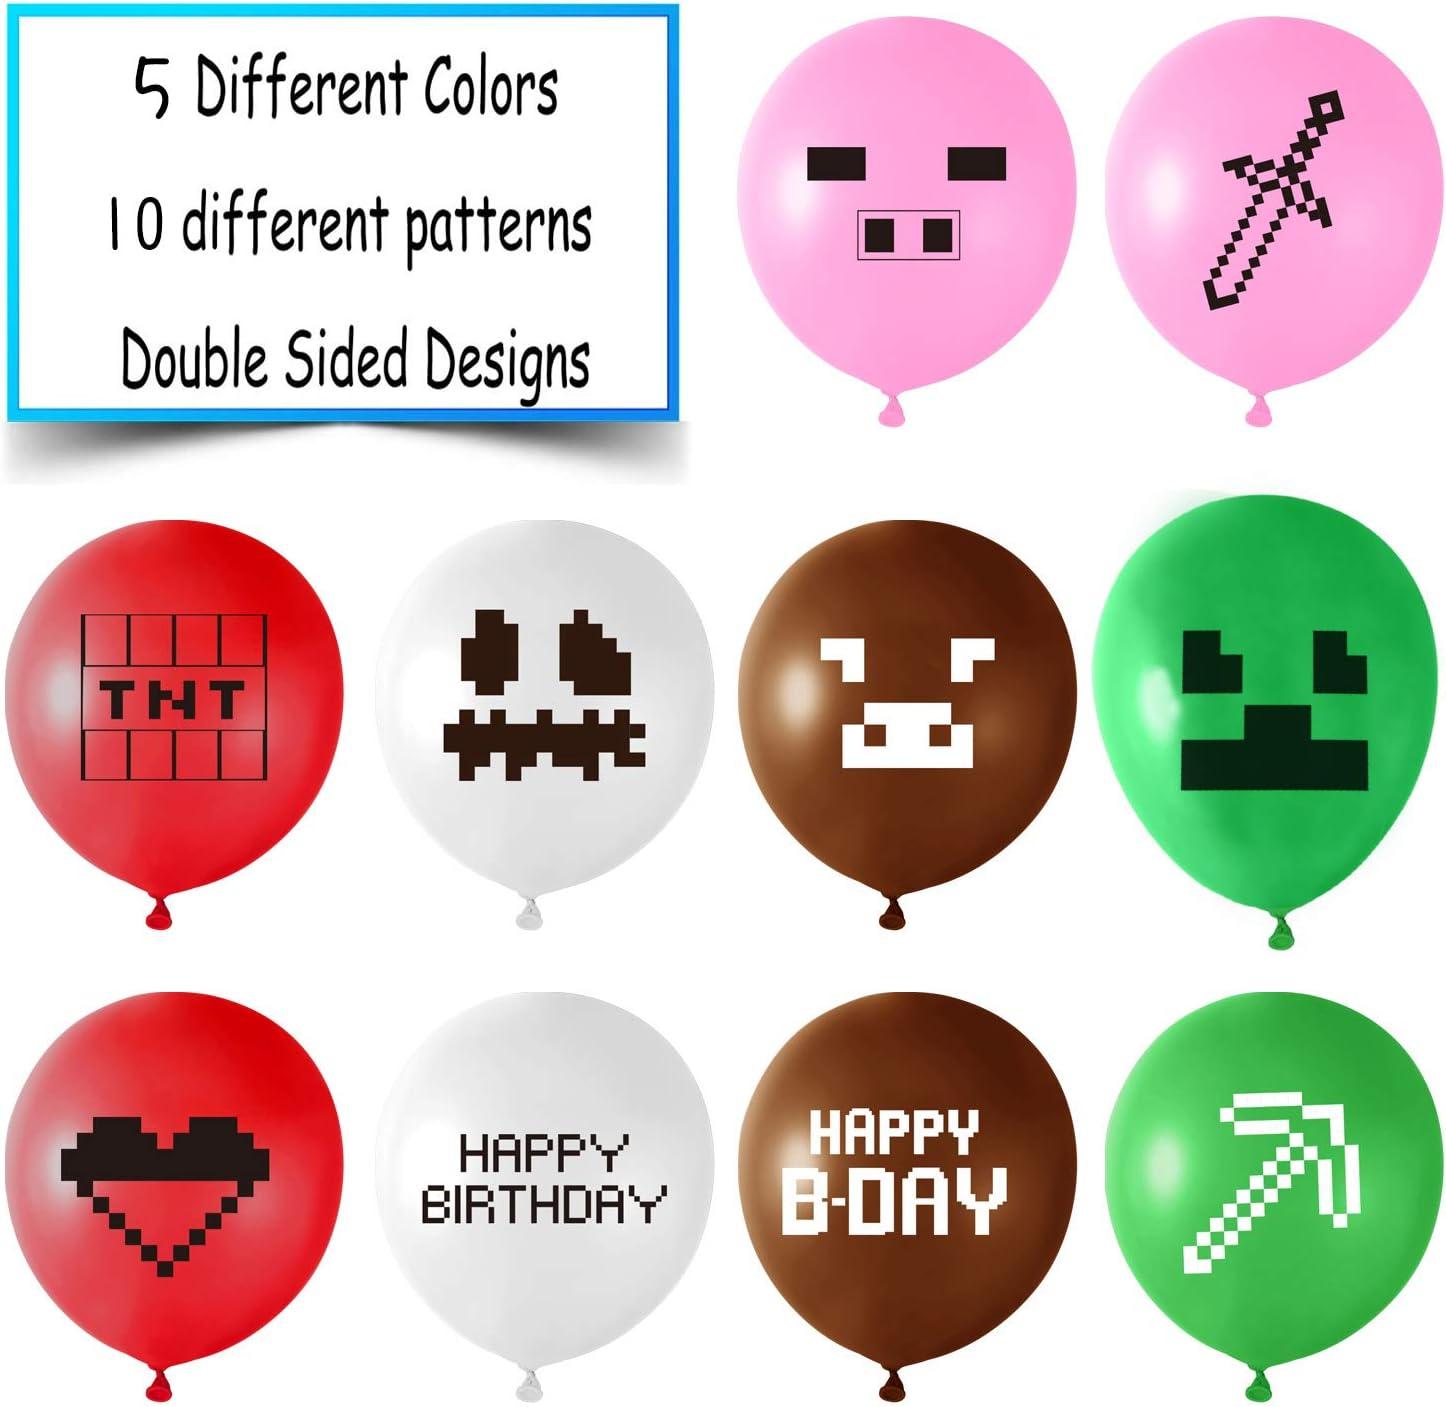 FEPITO 30Pcs Ballons de f/ête pour mineurs 12 Ballons en Latex pour Les Cadeaux de f/ête danniversaire de Joueur 10 mod/èles diff/érents